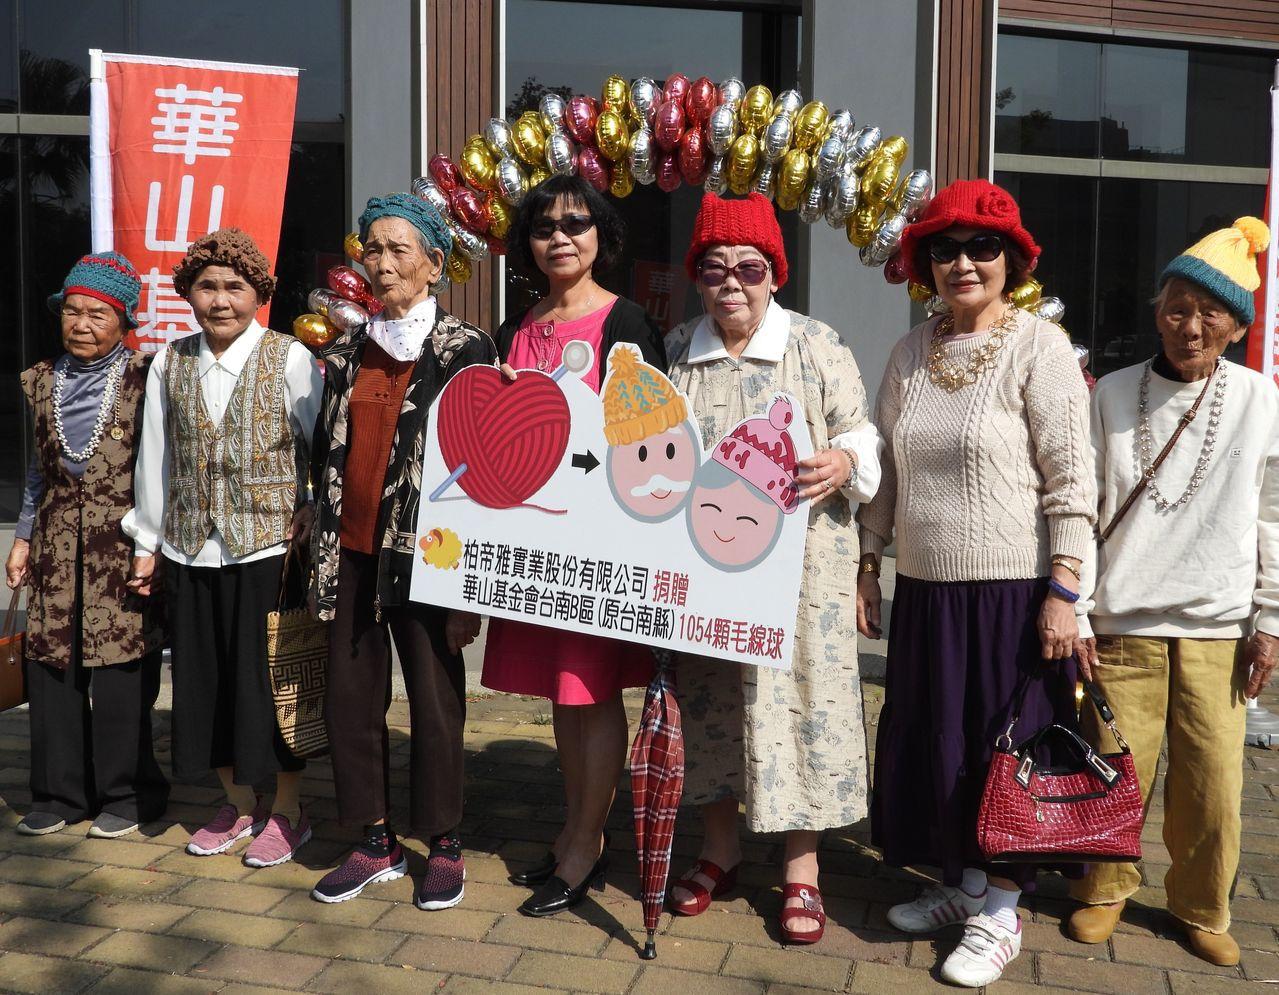 柏帝雅實業捐贈1千多組毛線,志工編織成五顏六色毛線帽,華山基金會請老人家展示。記...